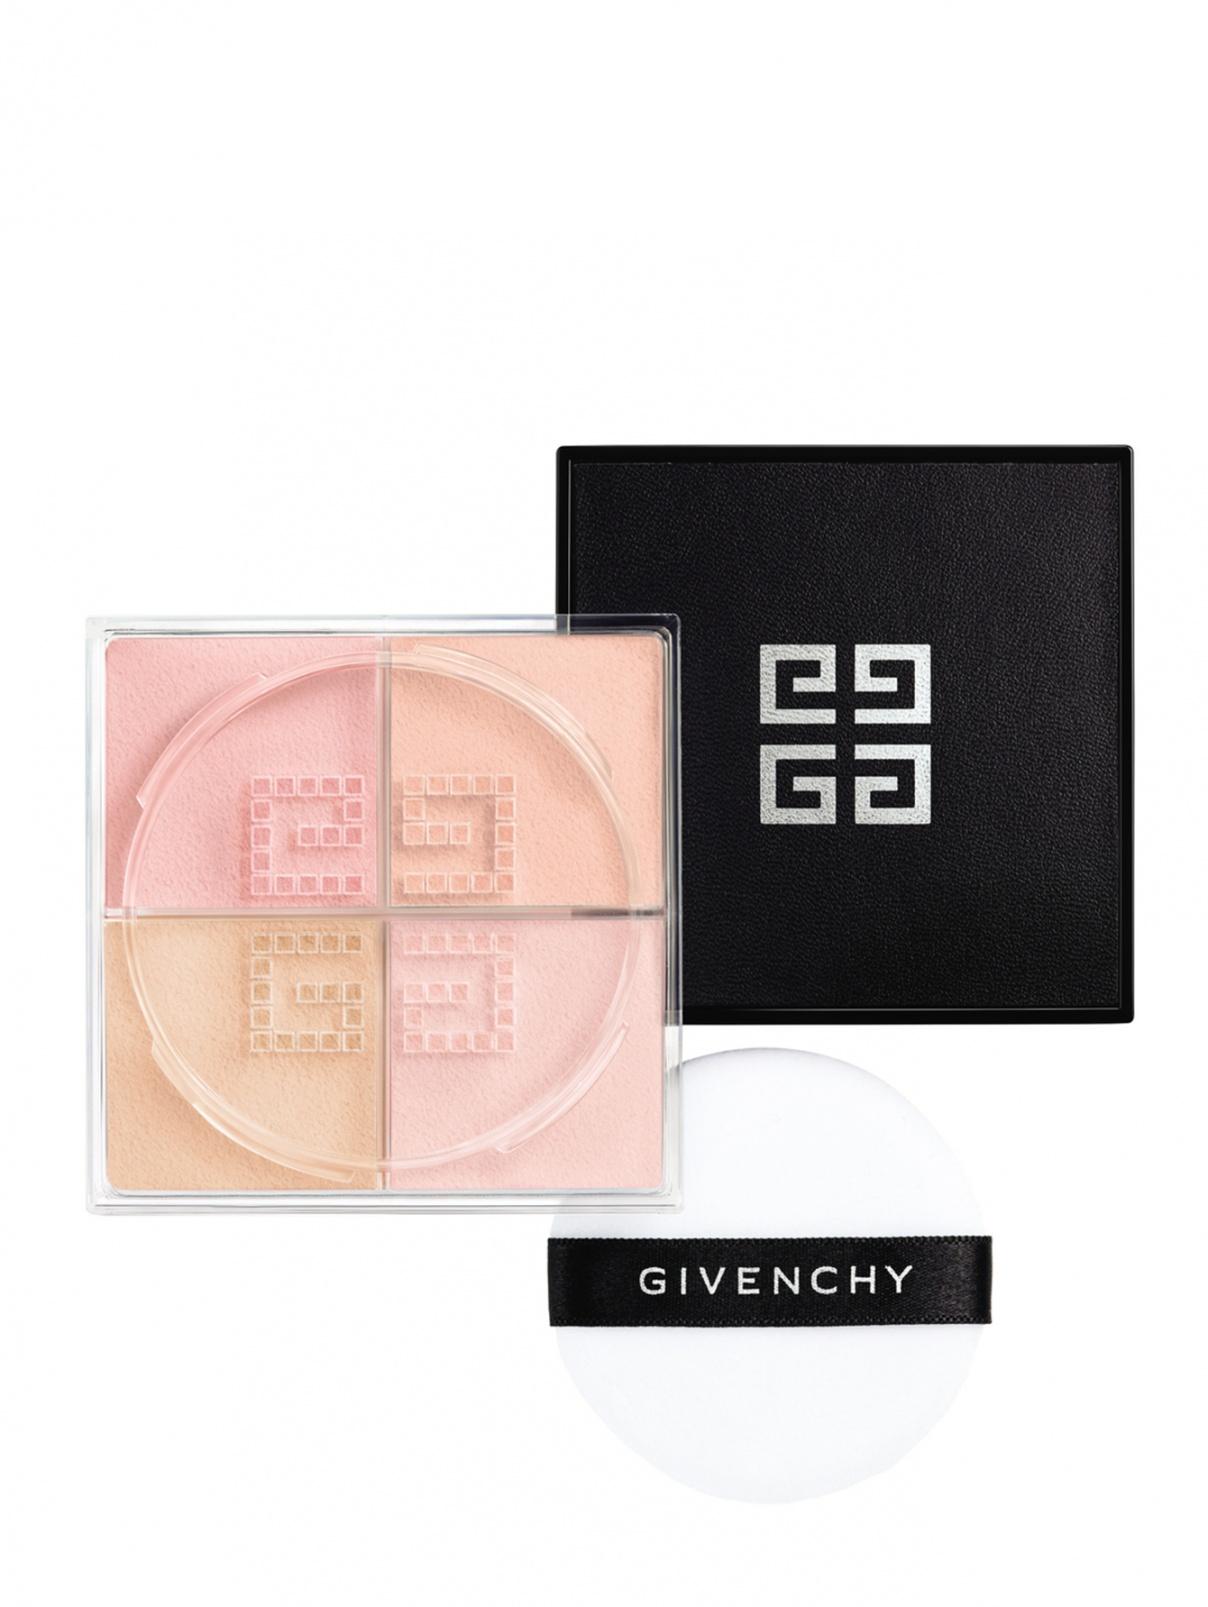 Рассыпчатая пудра Prisme Libre, 3 розовая вуаль, 12 г Givenchy  –  Общий вид